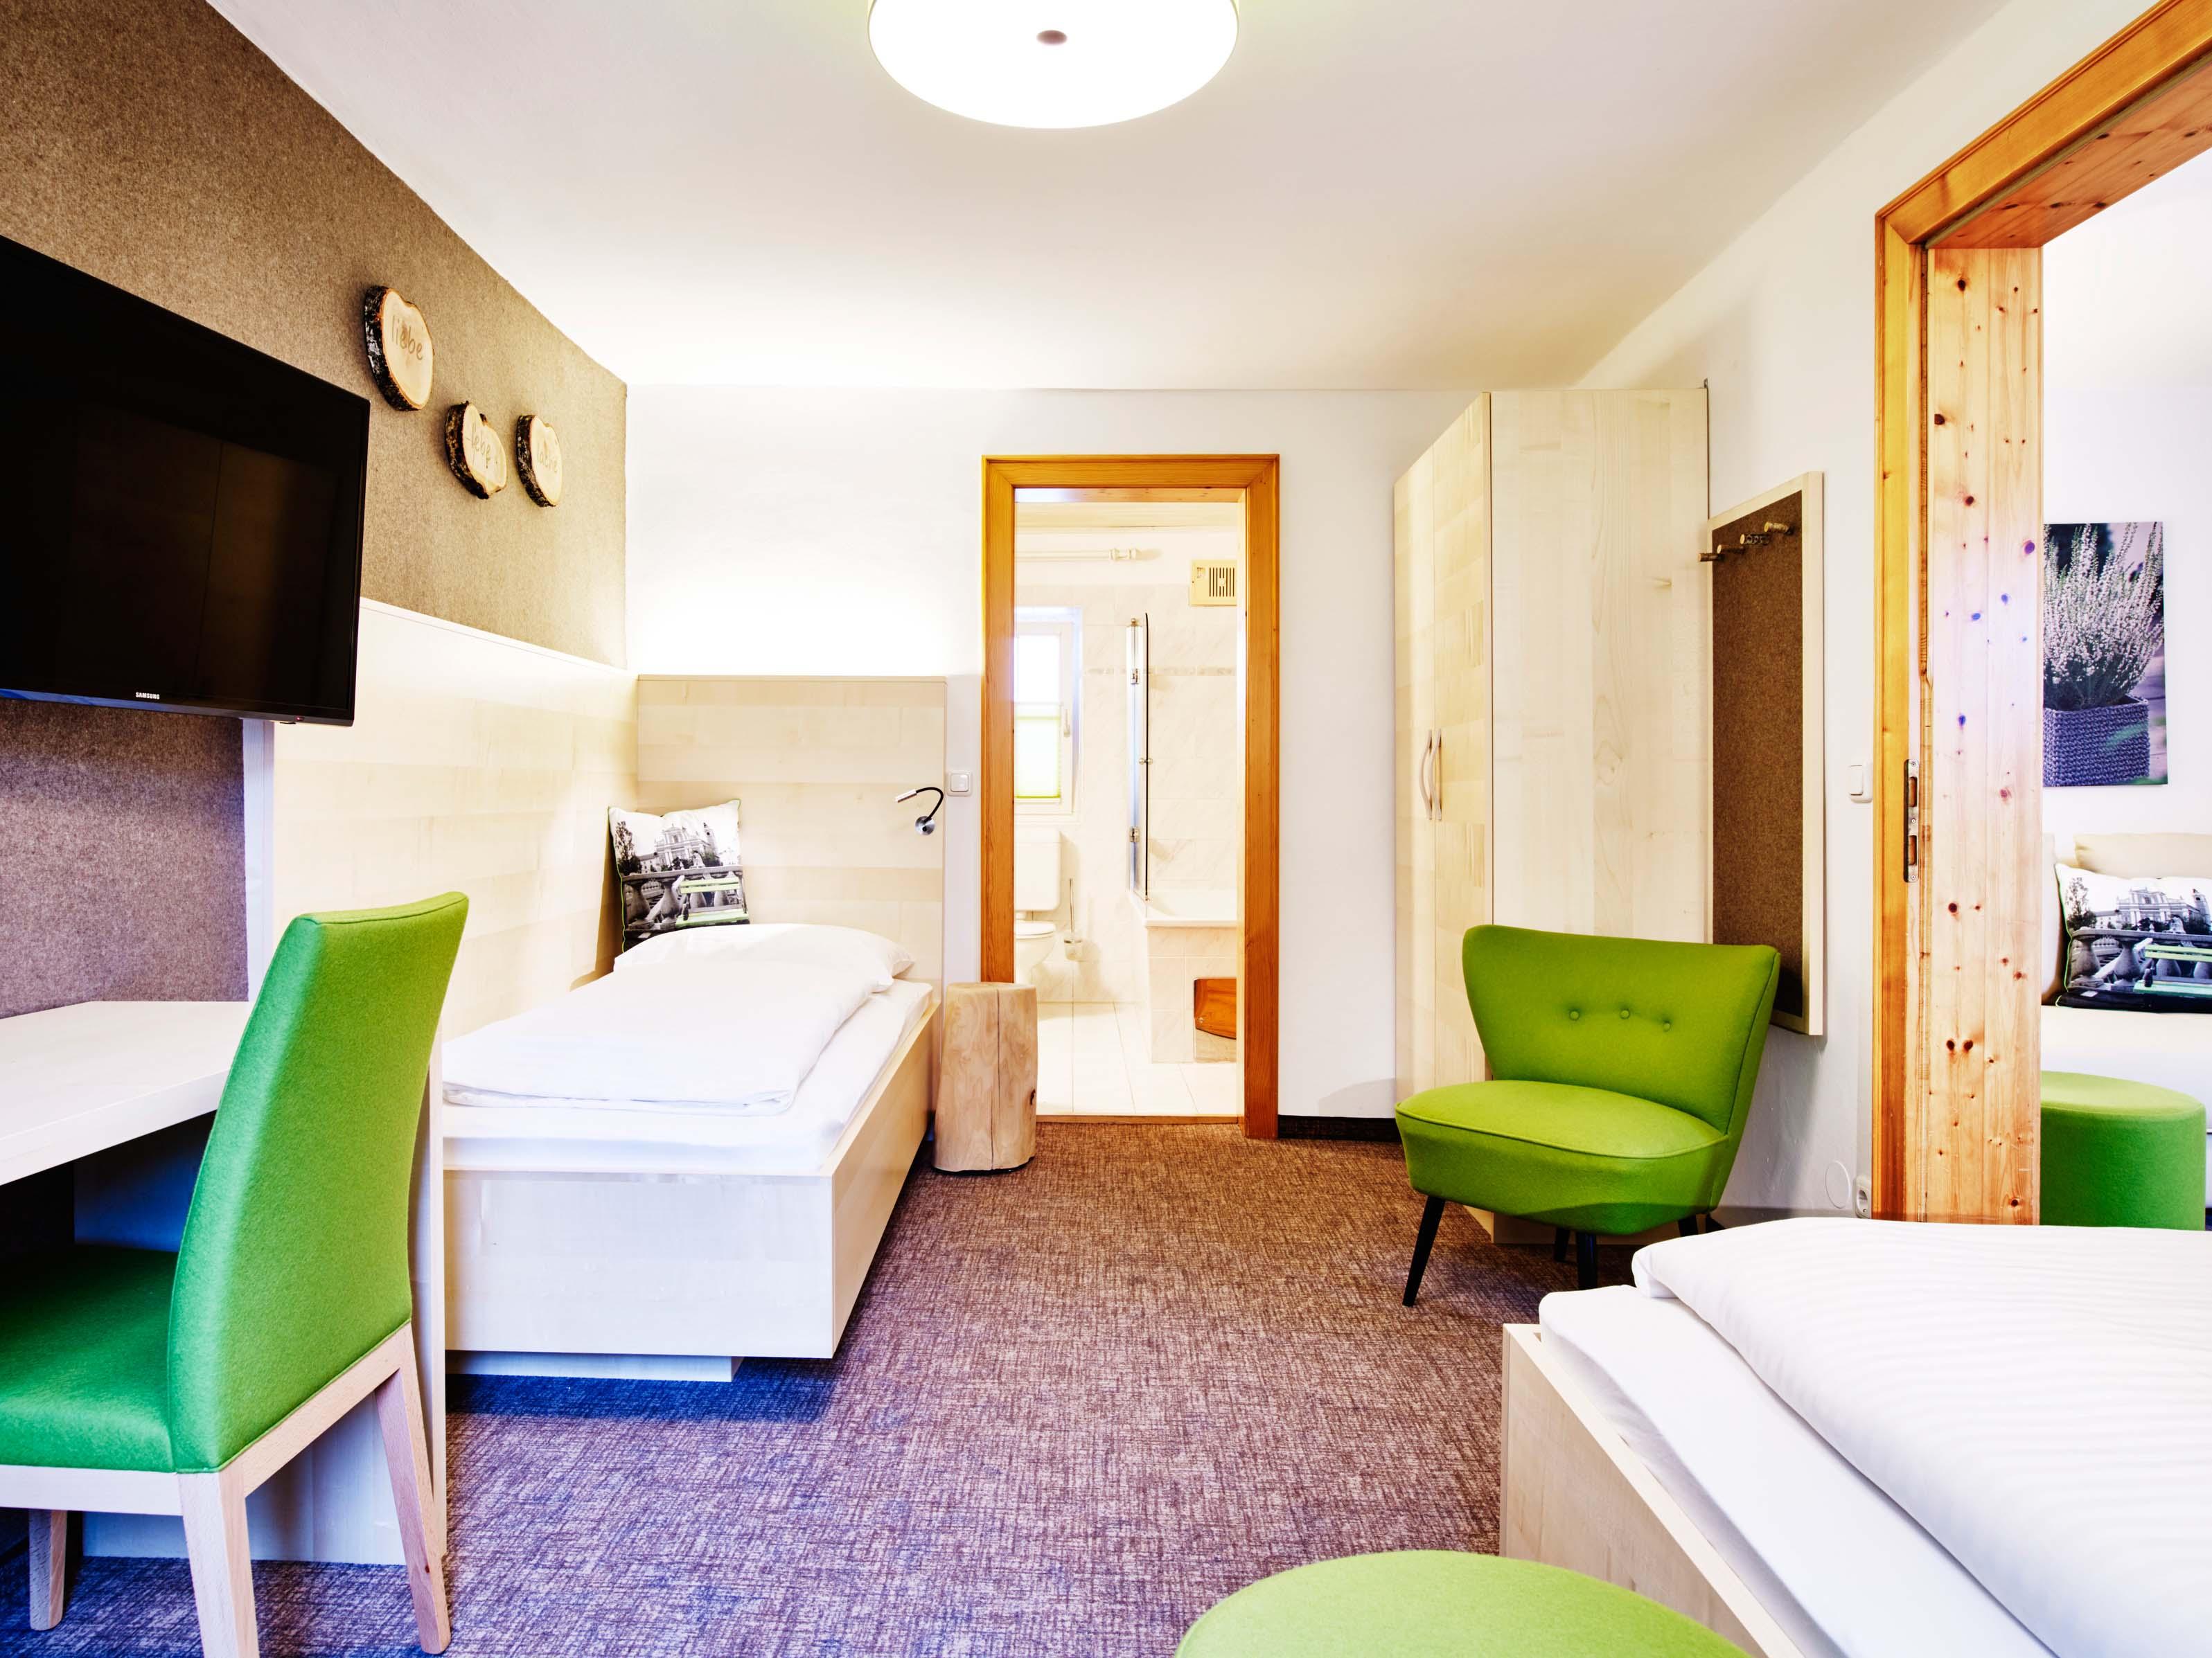 2015_06_08_Hotel_Zur_Post_Salzburg70475-Kopie